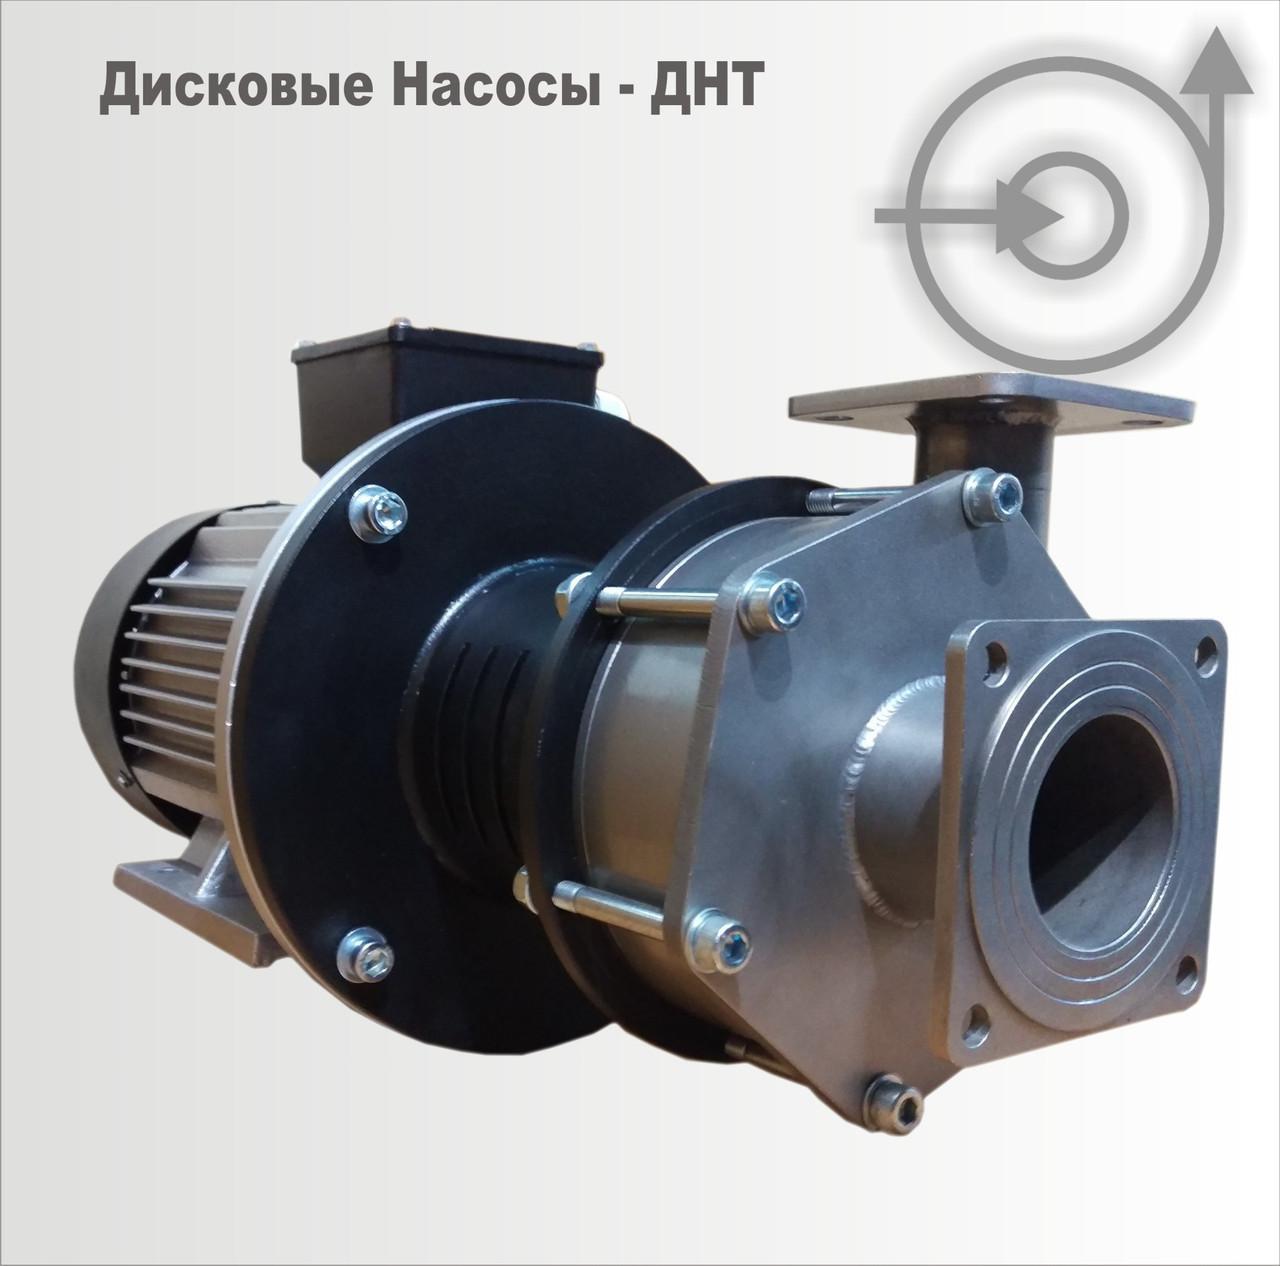 Дисковий насос ДНТ-170 М 30-20 ТУ нержавіюча сталь